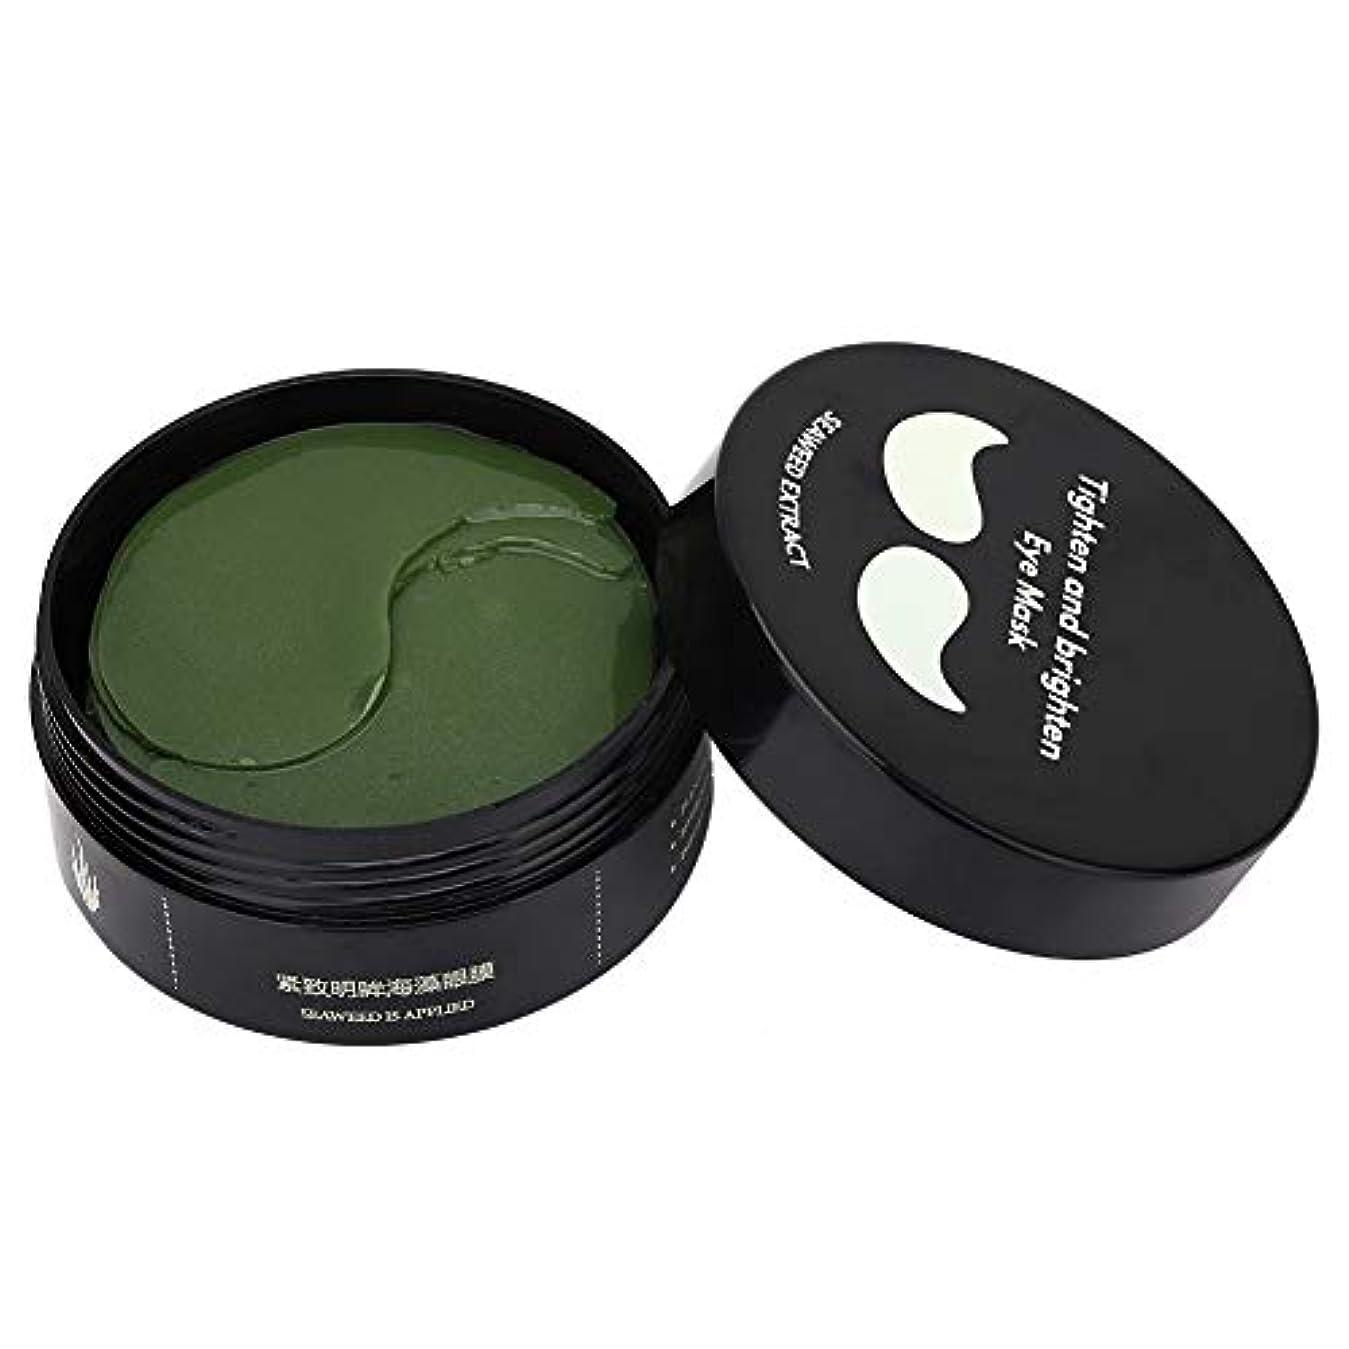 野球あいまいな正しいアイジェルマスク、60個/箱緑藻アイジェルマスクしわ防止しわくちゃダークサークル保湿引き締めパット产品標题(タイトル):